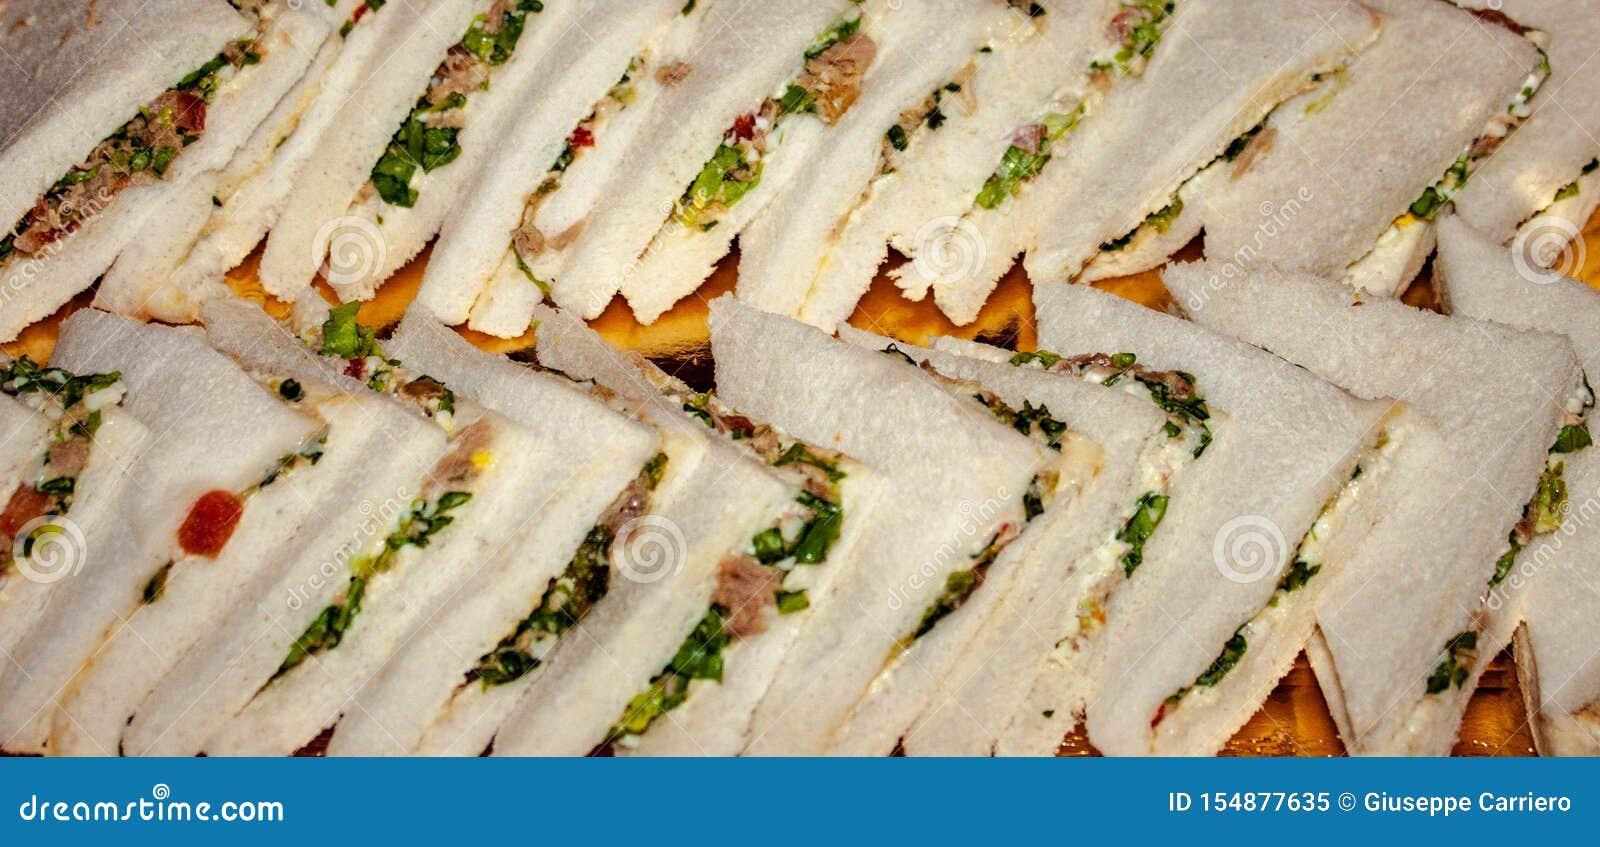 Smakliga smörgåsar ordnar till för att tyckas om, förlagt på ett magasin, smörgåsen, bröd som stoppas med vad betraktas det bästa